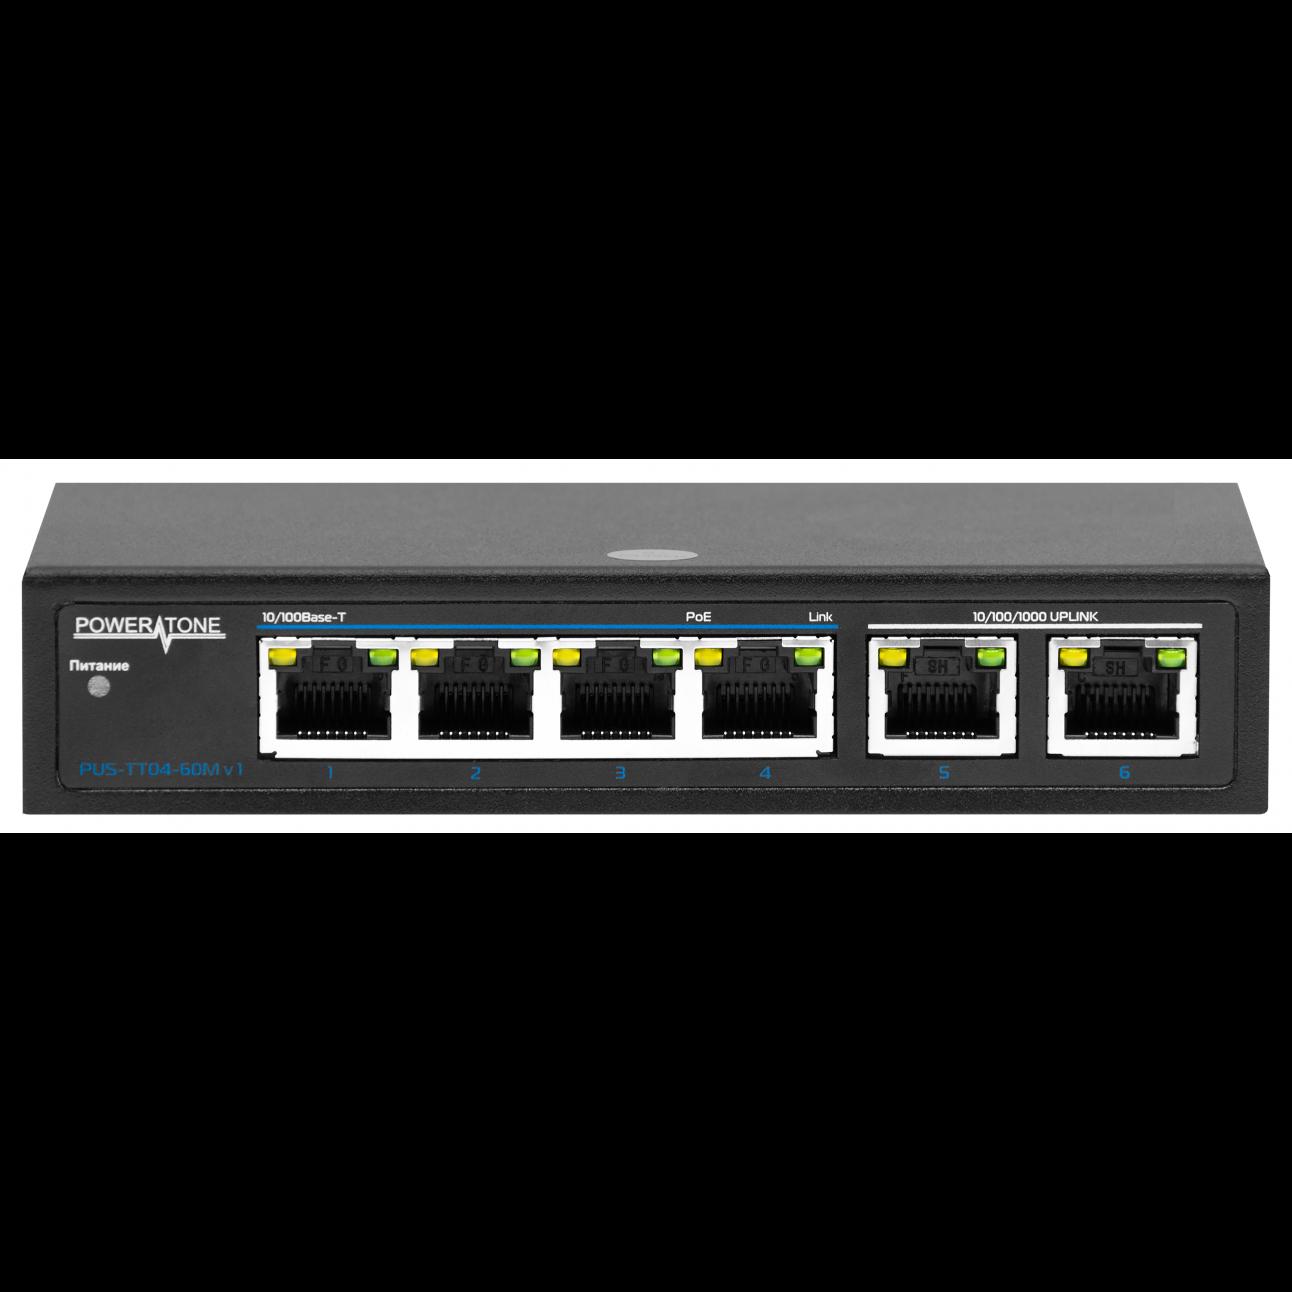 PoE коммутатор неуправляемый  PUS-TT04L-60M v1, 4x10/100BASE-TX 802.3af&at + 2x10/100/1000BASE-TX, c изол. портов, PoE бюджет 60Вт, до 30Вт на порт